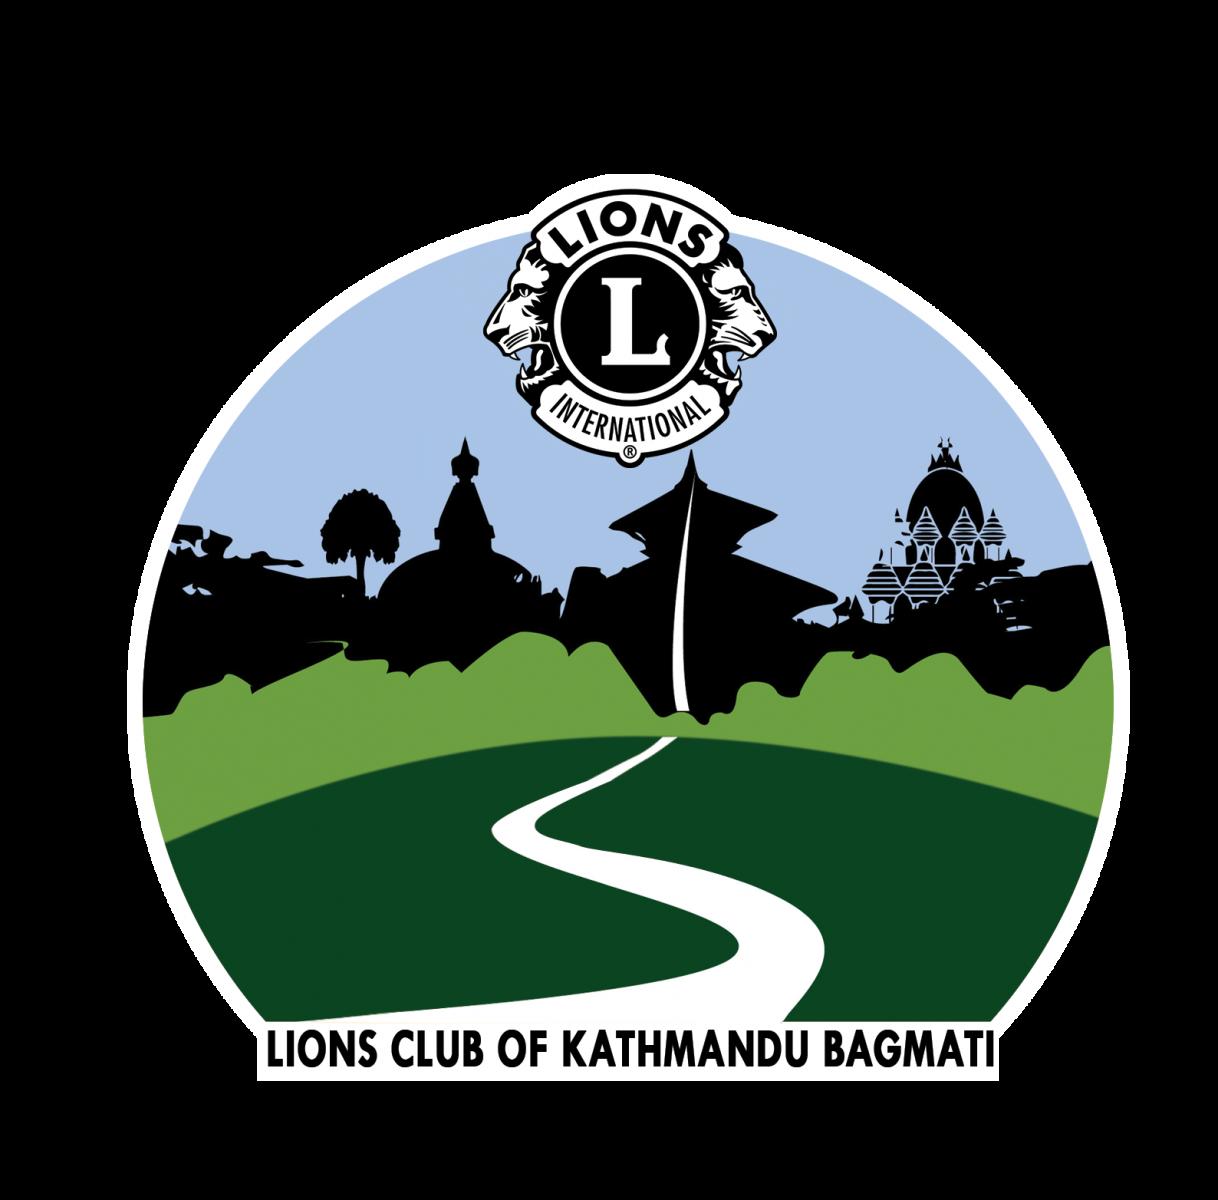 Bagmati.Lions